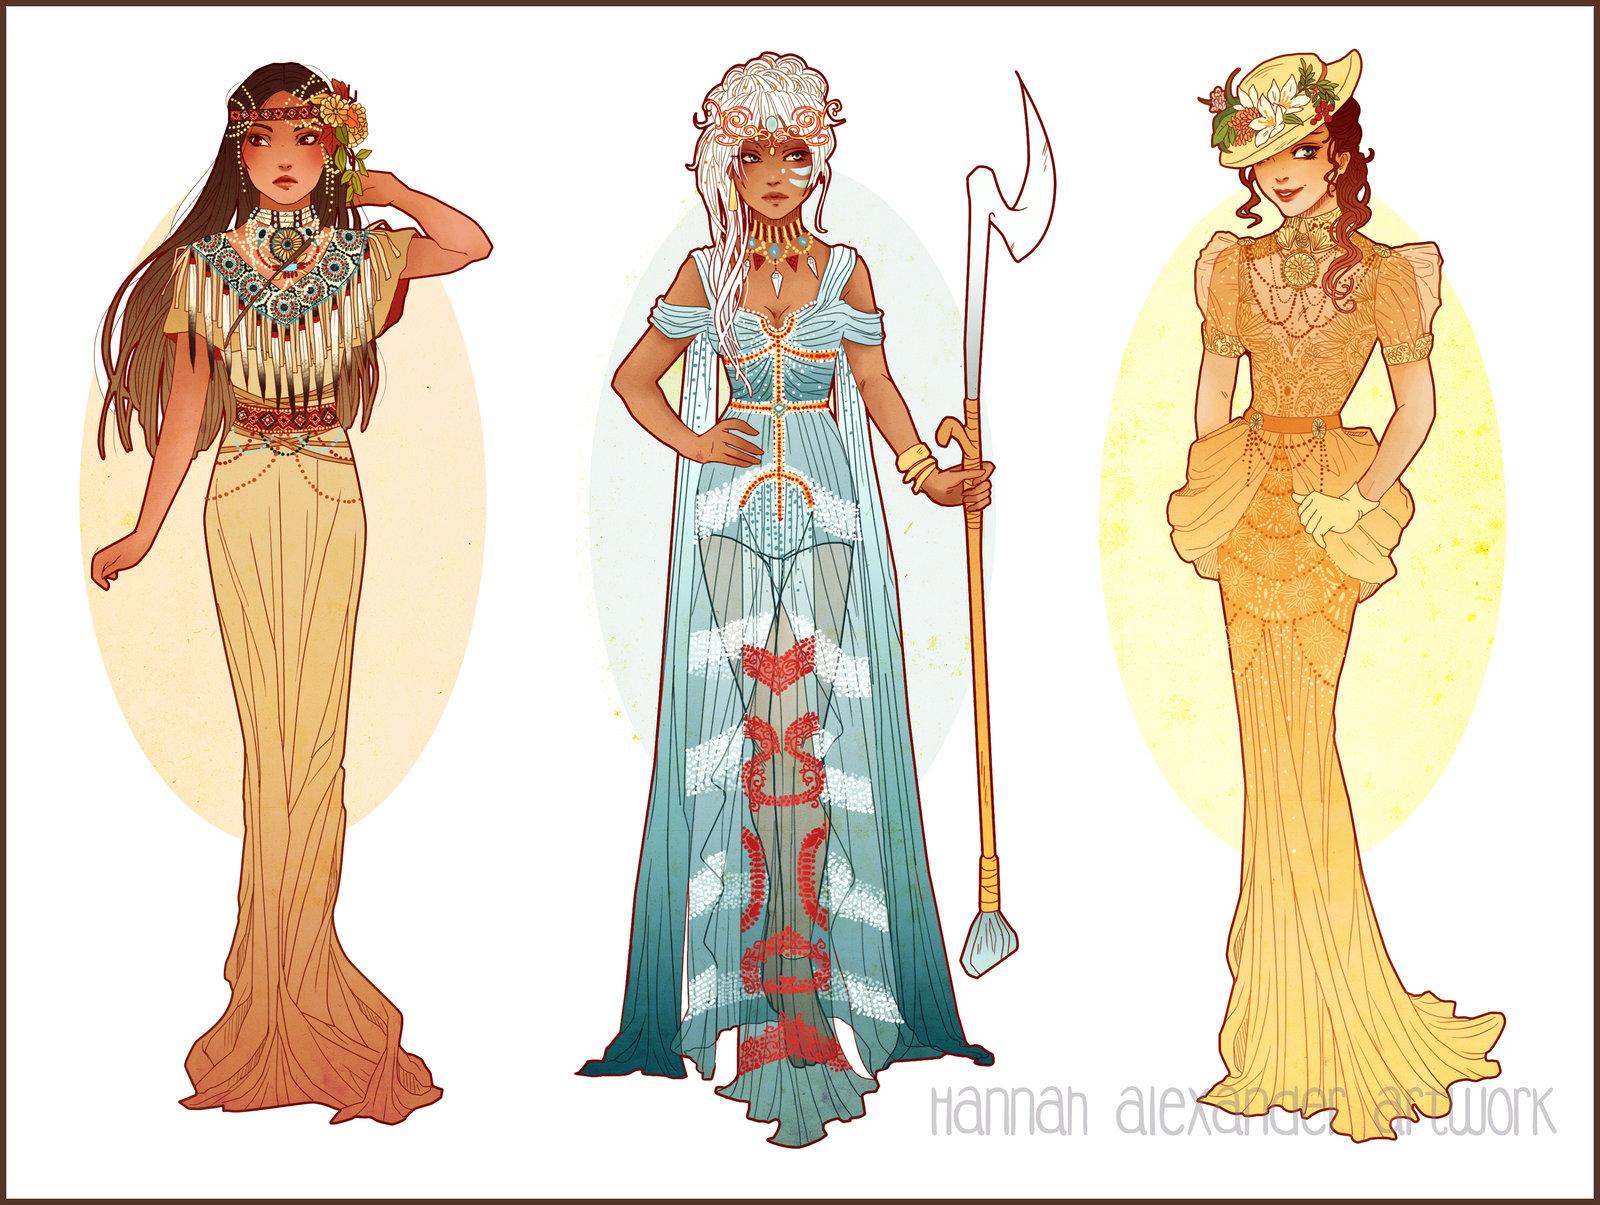 Pocahontas, Kida and Jane